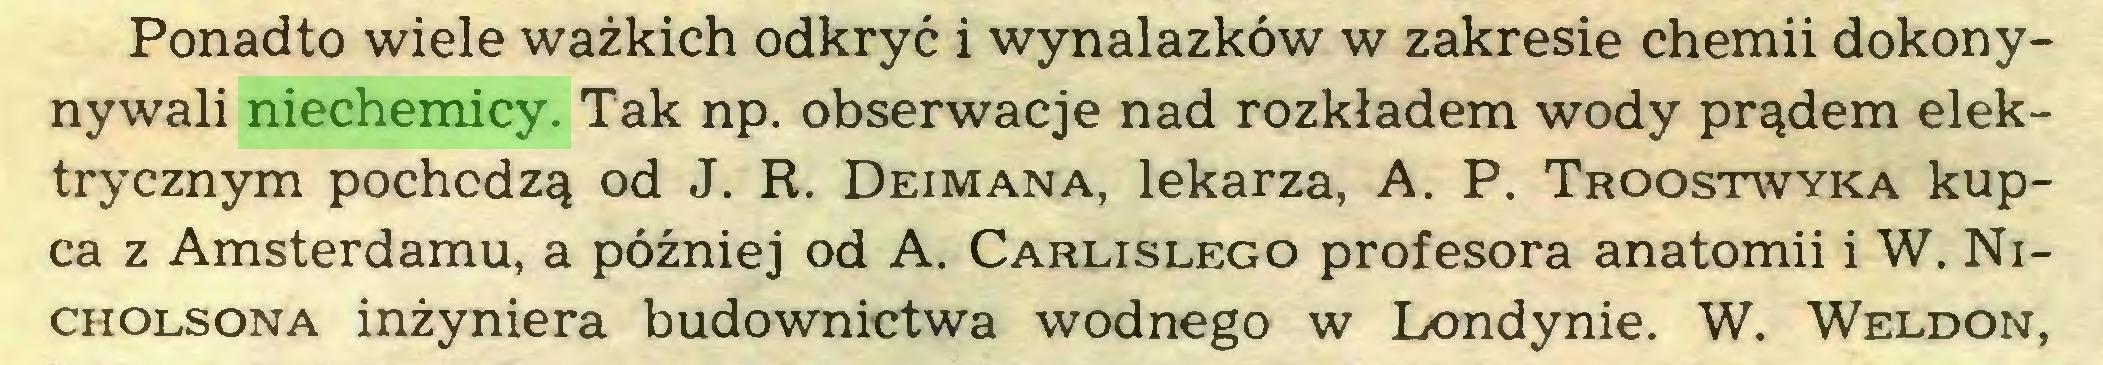 (...) Ponadto wiele ważkich odkryć i wynalazków w zakresie chemii dokonynywali niechemicy. Tak np. obserwacje nad rozkładem wody prądem elektrycznym pochodzą od J. R. Deimana, lekarza, A. P. Troostwyka kupca z Amsterdamu, a później od A. Carlislego profesora anatomii i W. Nicholsona inżyniera budownictwa wodnego w Londynie. W. Weldon,...